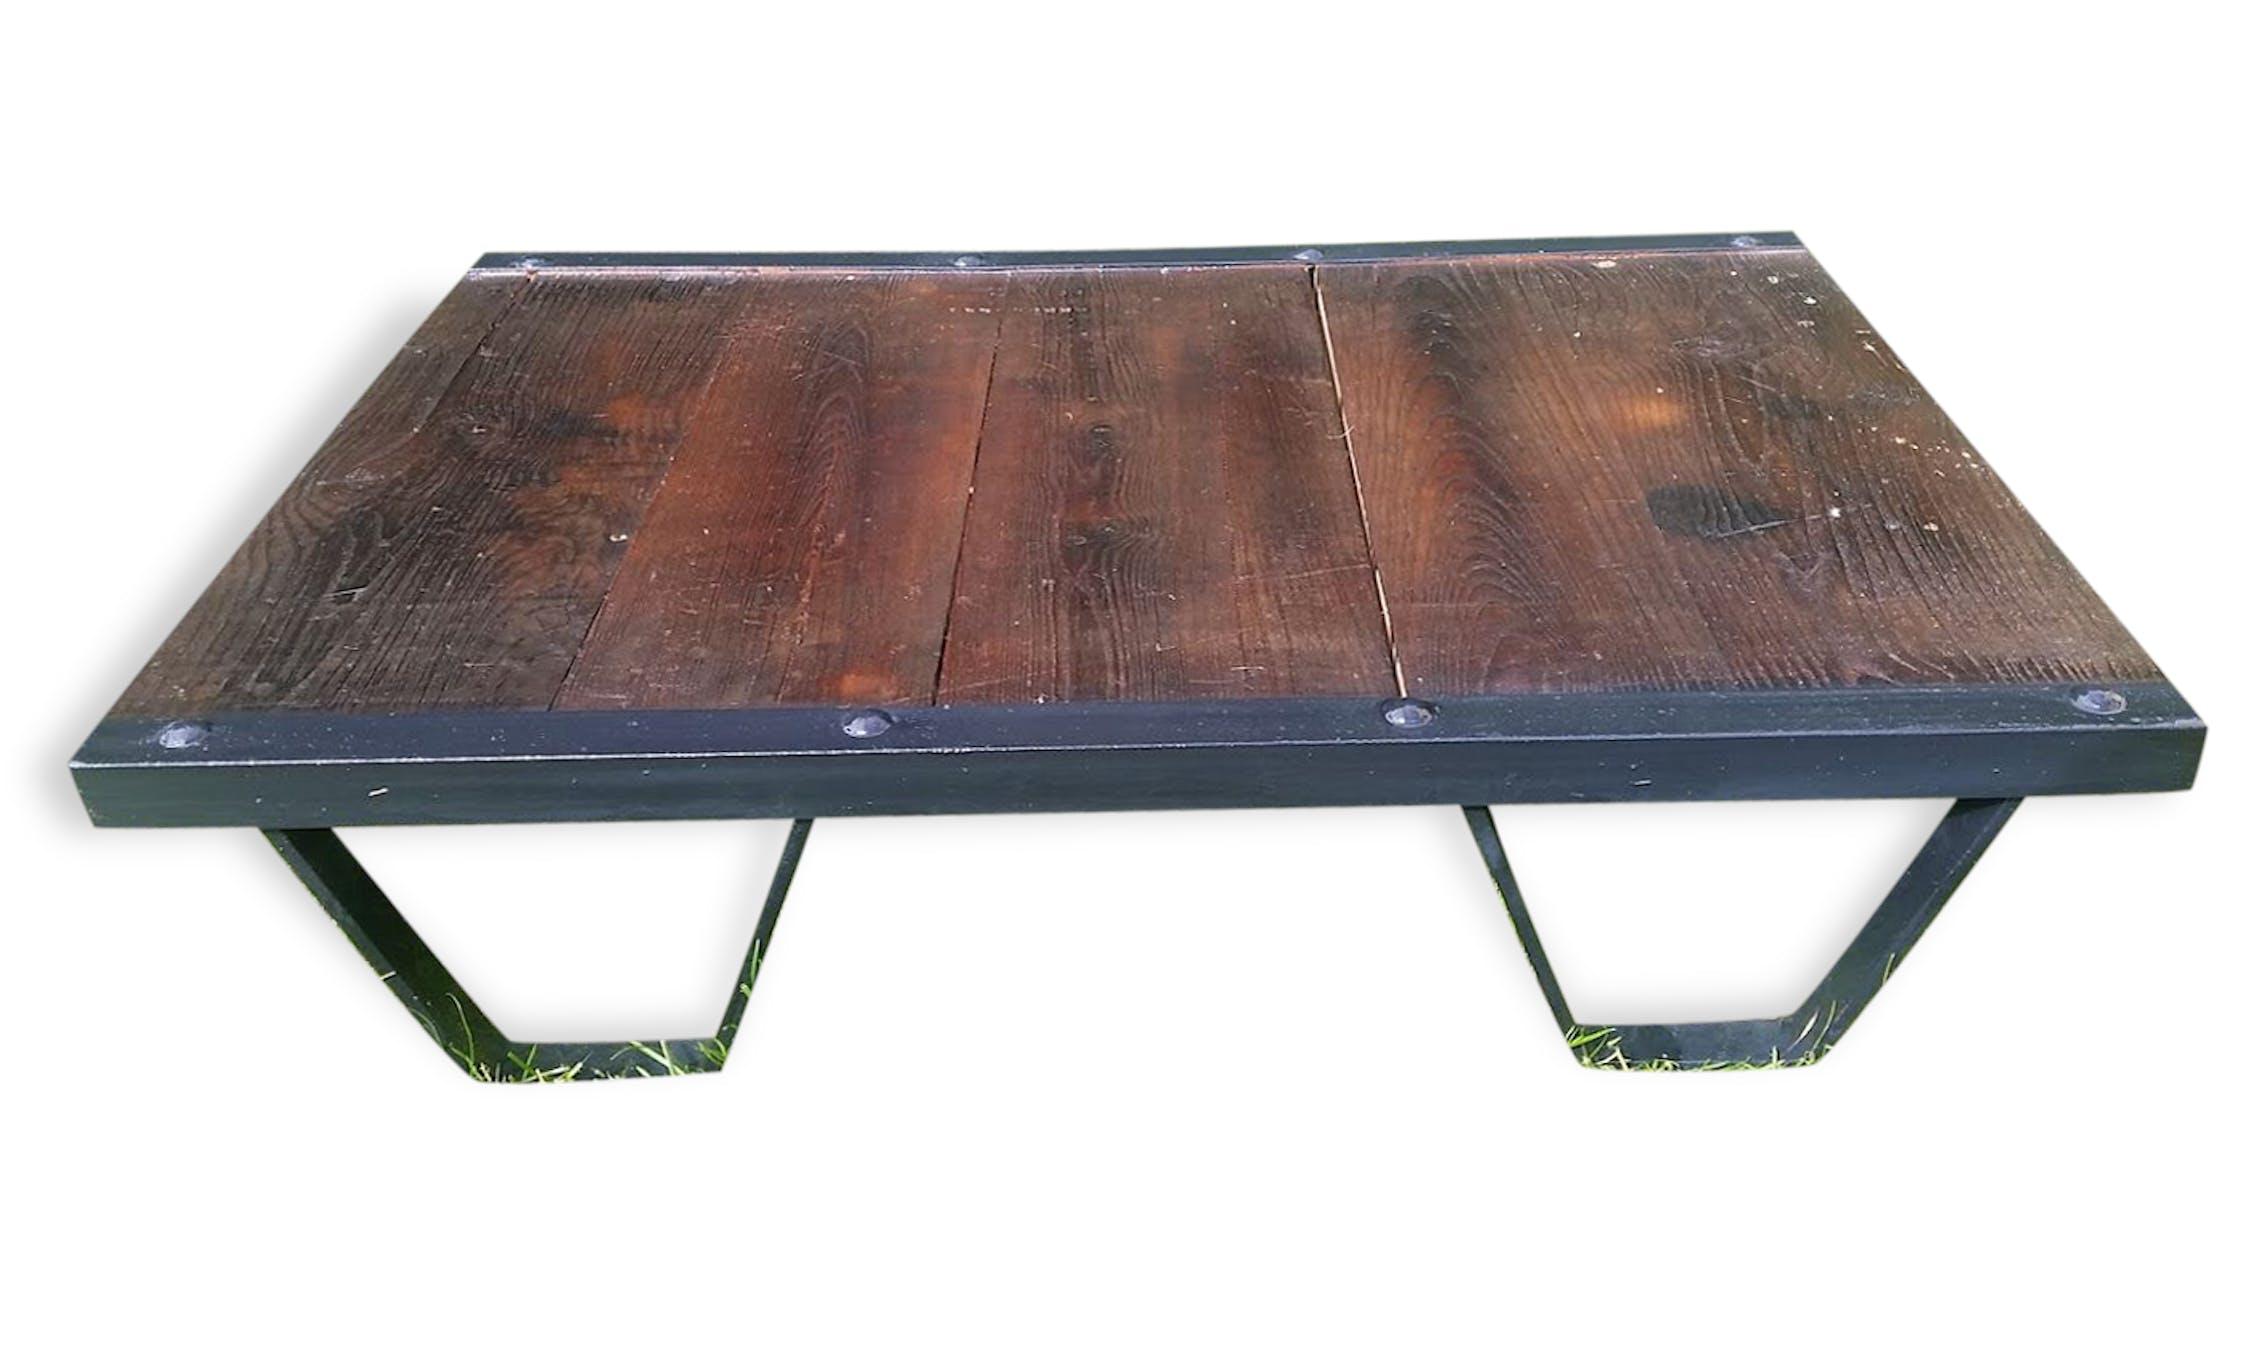 Table basse palette industrielle fashion designs - Table basse palette industrielle vintage ...